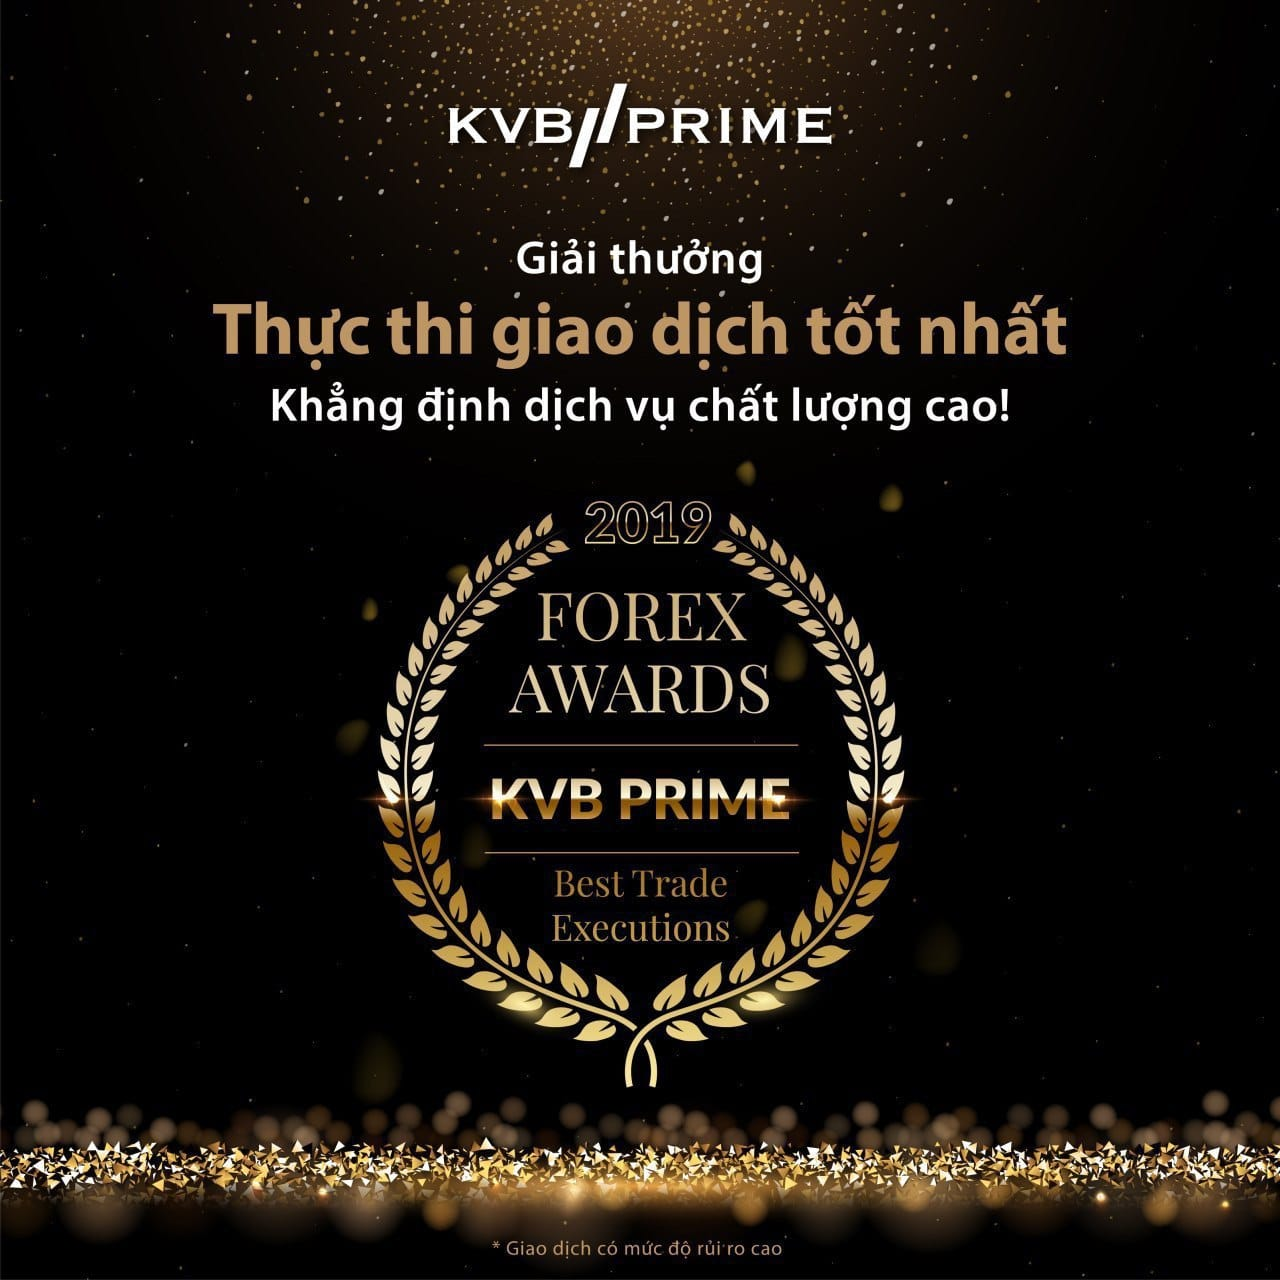 KVB PRIME